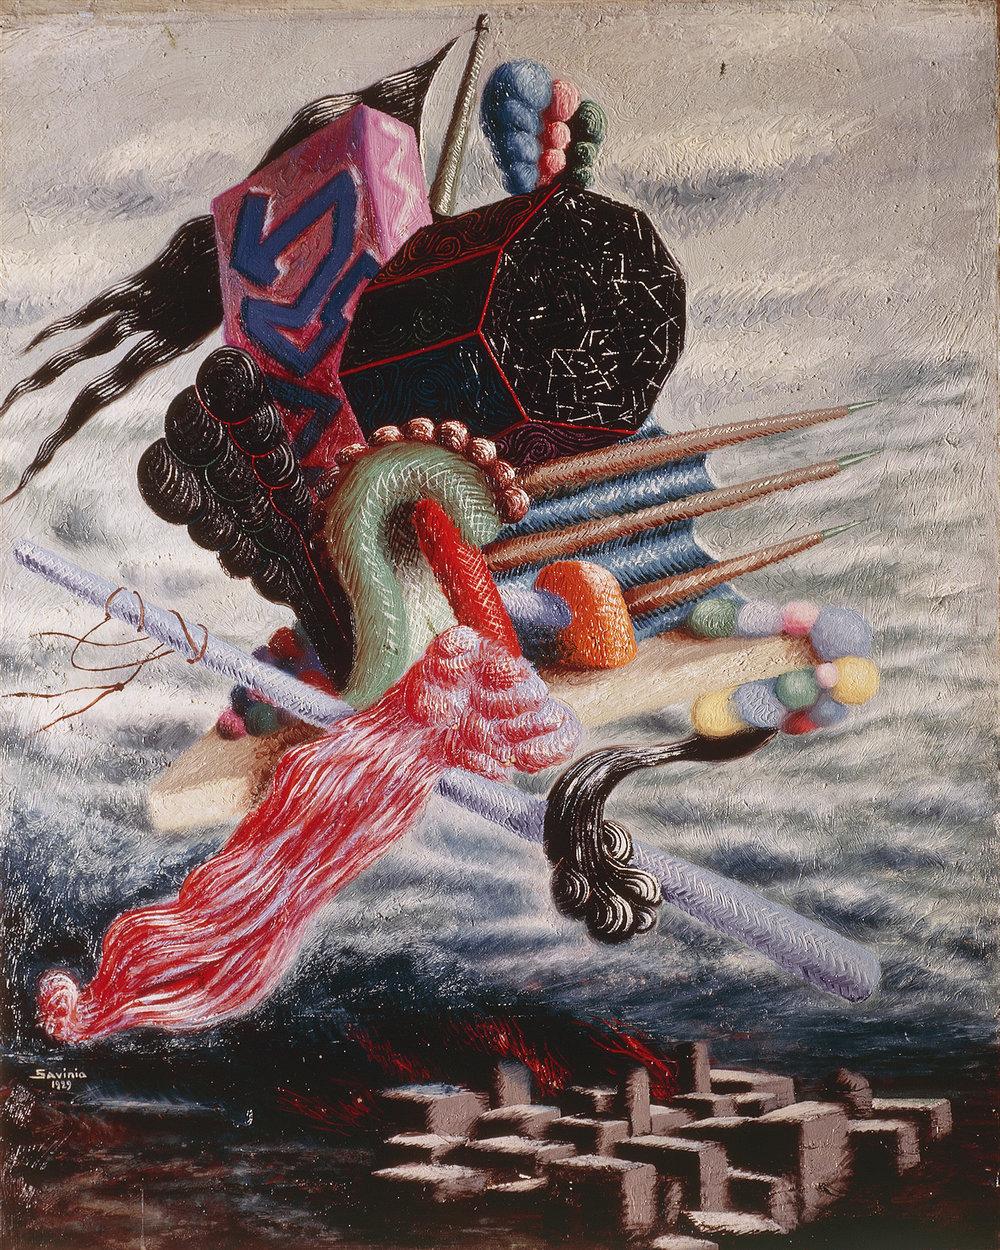 Sodoma,1929